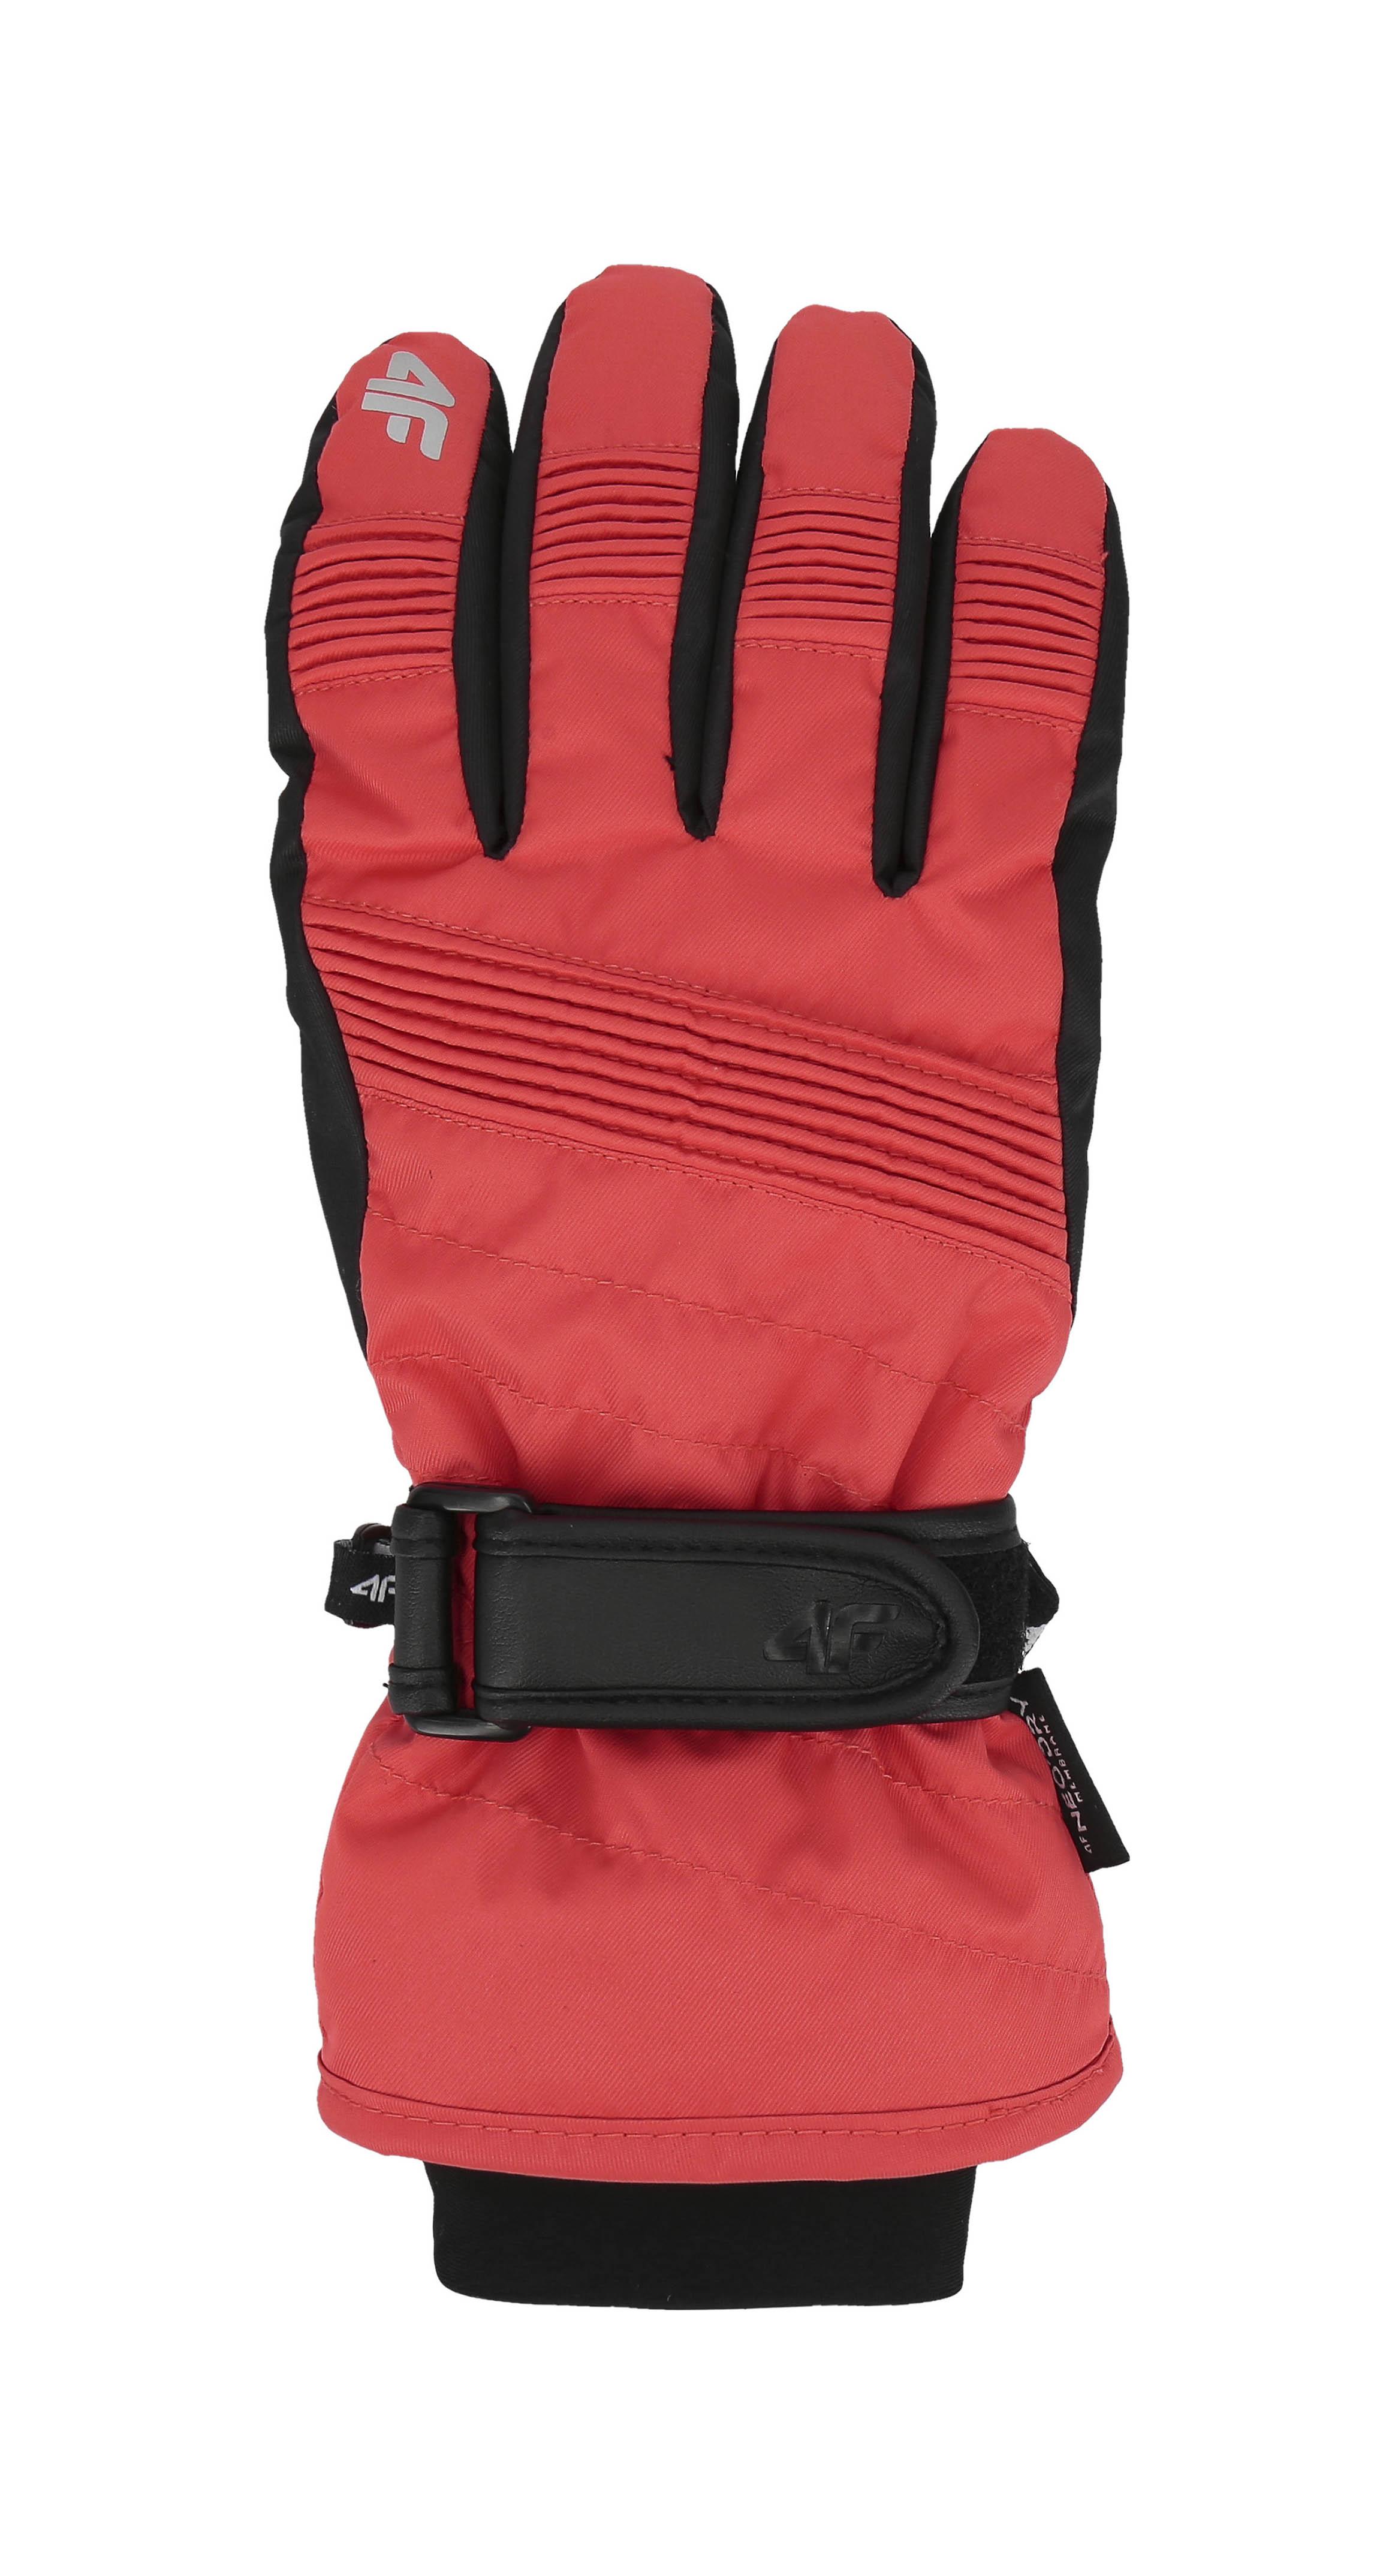 Rękawice narciarskie damskie RED252 - czerwony